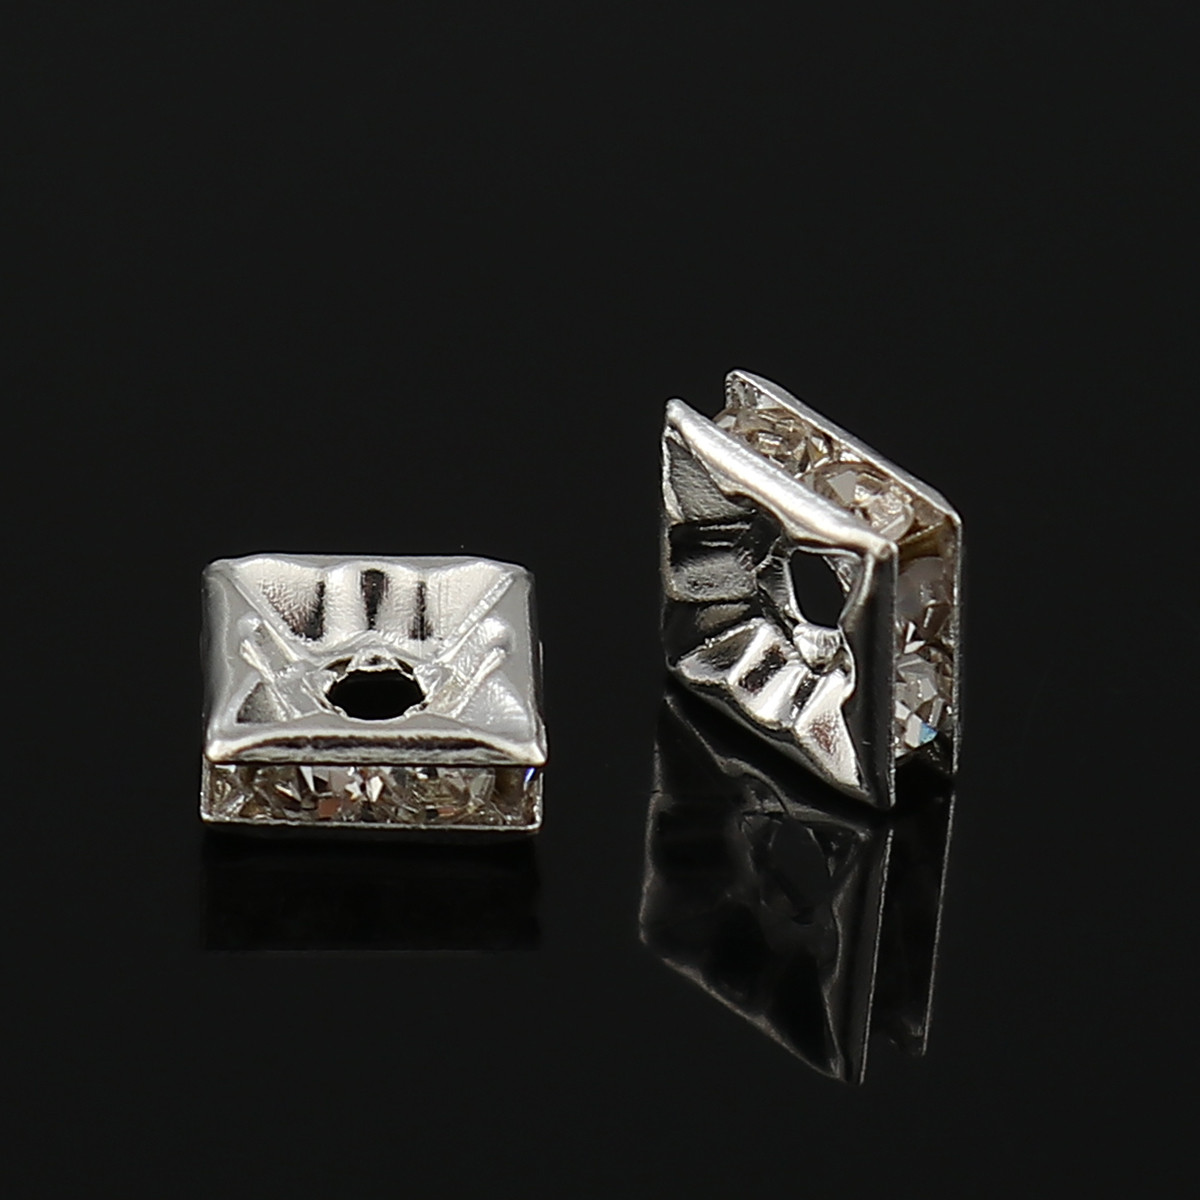 Розділювачі для намистин, Рондель, Квадрат, Метал, Стрази Прозорого кольору, Колір: Срібло, 6 мм х 6 мм, 1,7 мм